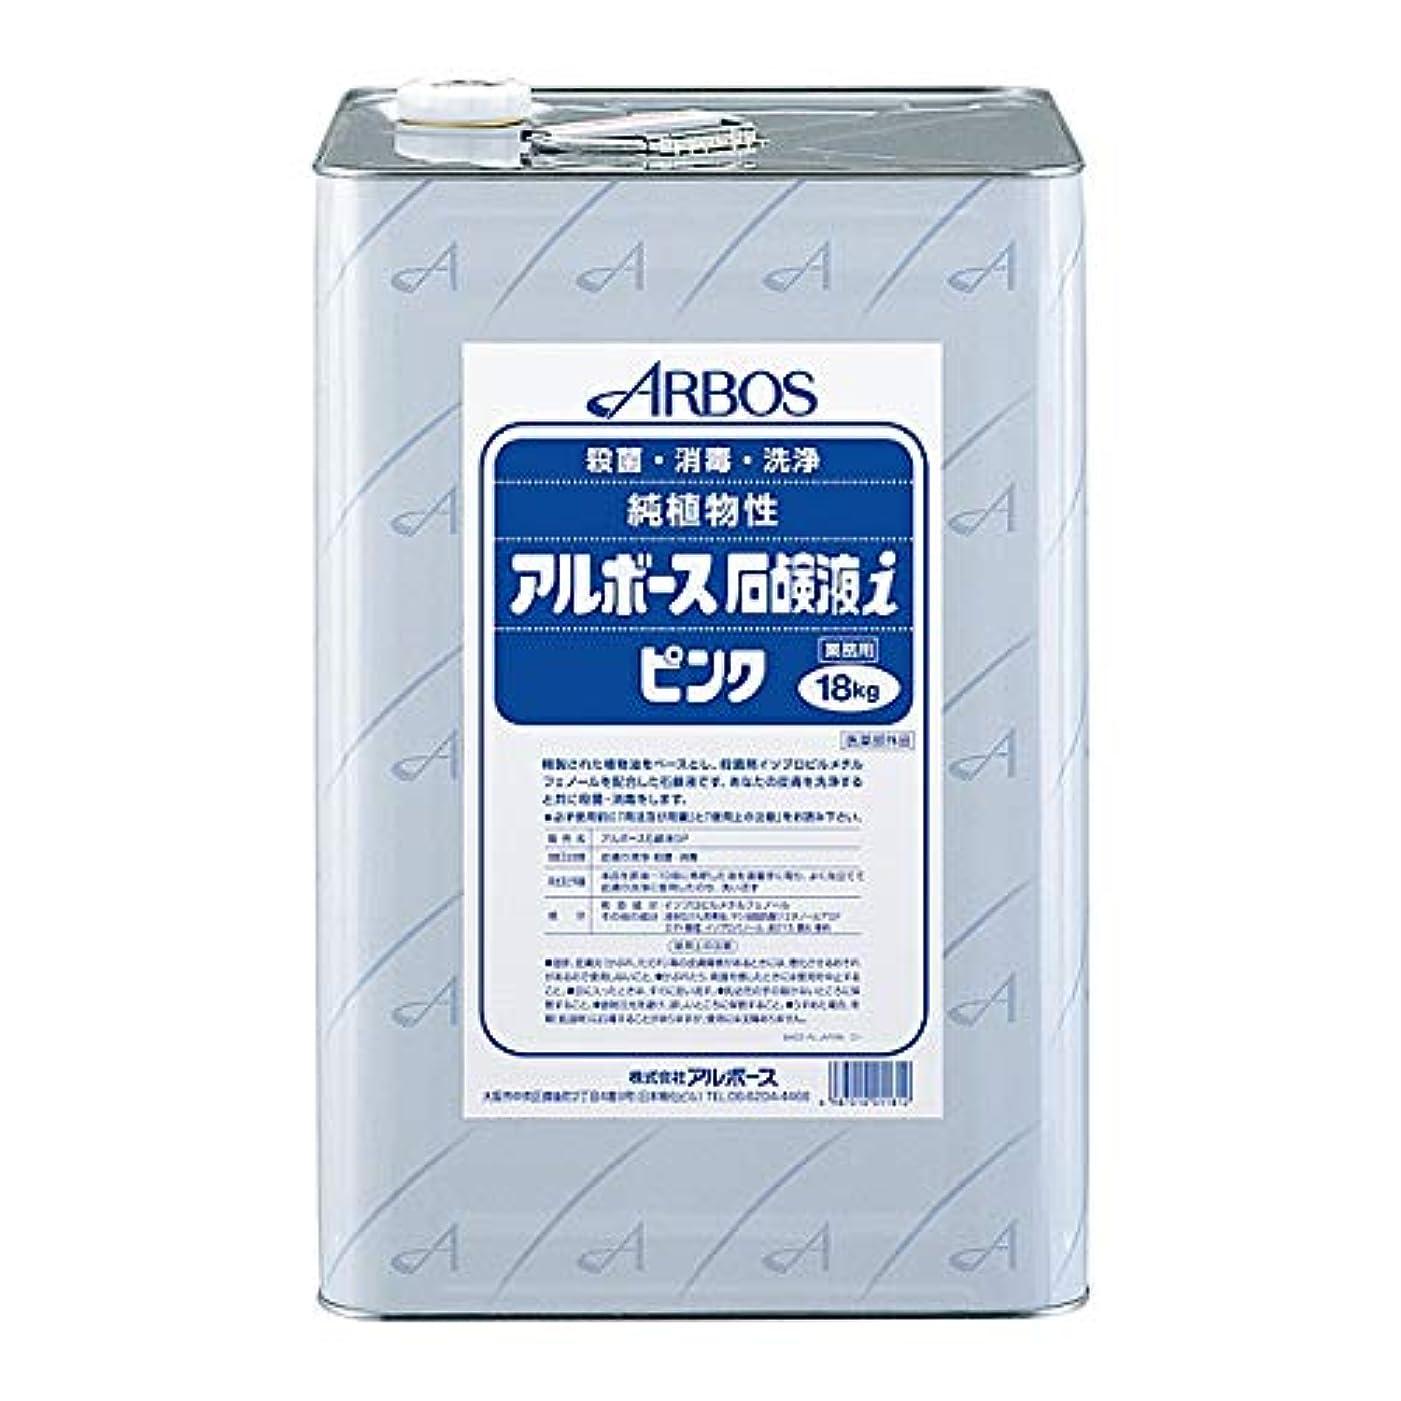 ローン癌債務者【清潔キレイ館】アルボース石鹸液i ピンク(18L)+つめブラシ1個 オマケ付